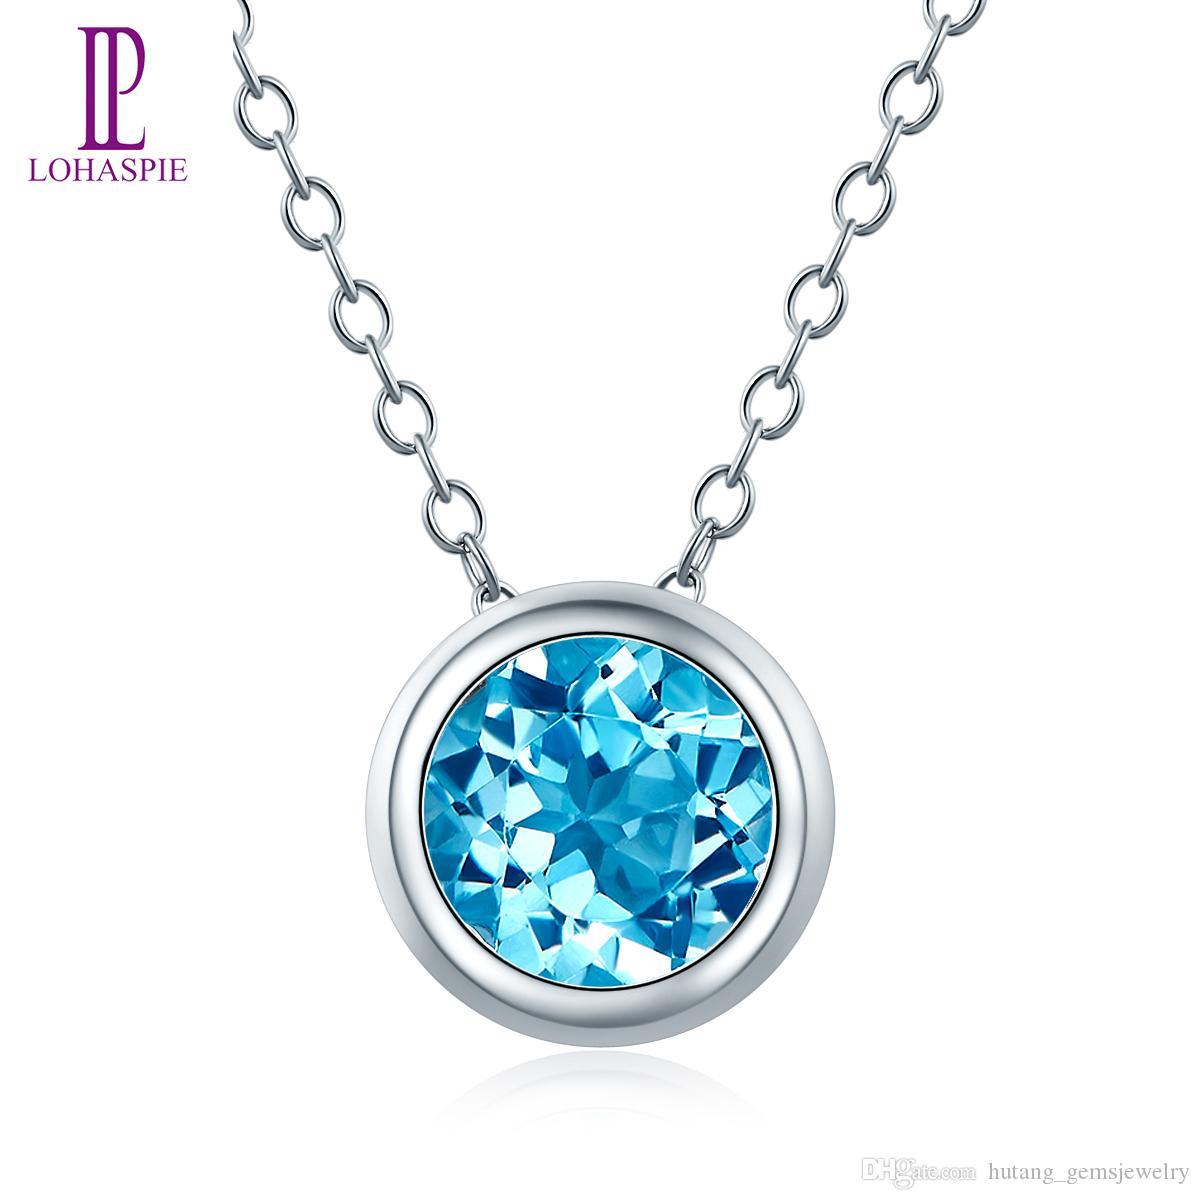 925 قلادة فضية قلادة للنساء مجوهرات هدية الأحجار الكريمة الطبيعية جولة السويسري الازرق توباز الجميلة الصلبة مجوهرات الجملة الجديدة